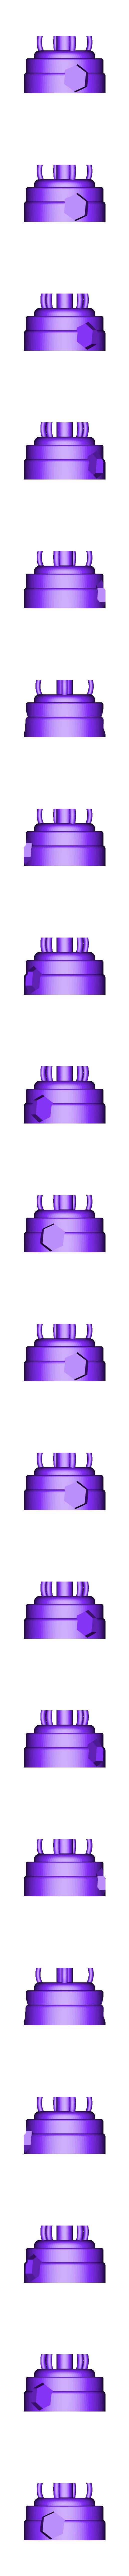 Top_2_silver.stl Télécharger fichier STL gratuit Lampe au kérosène version Halloween • Modèle à imprimer en 3D, poblocki1982